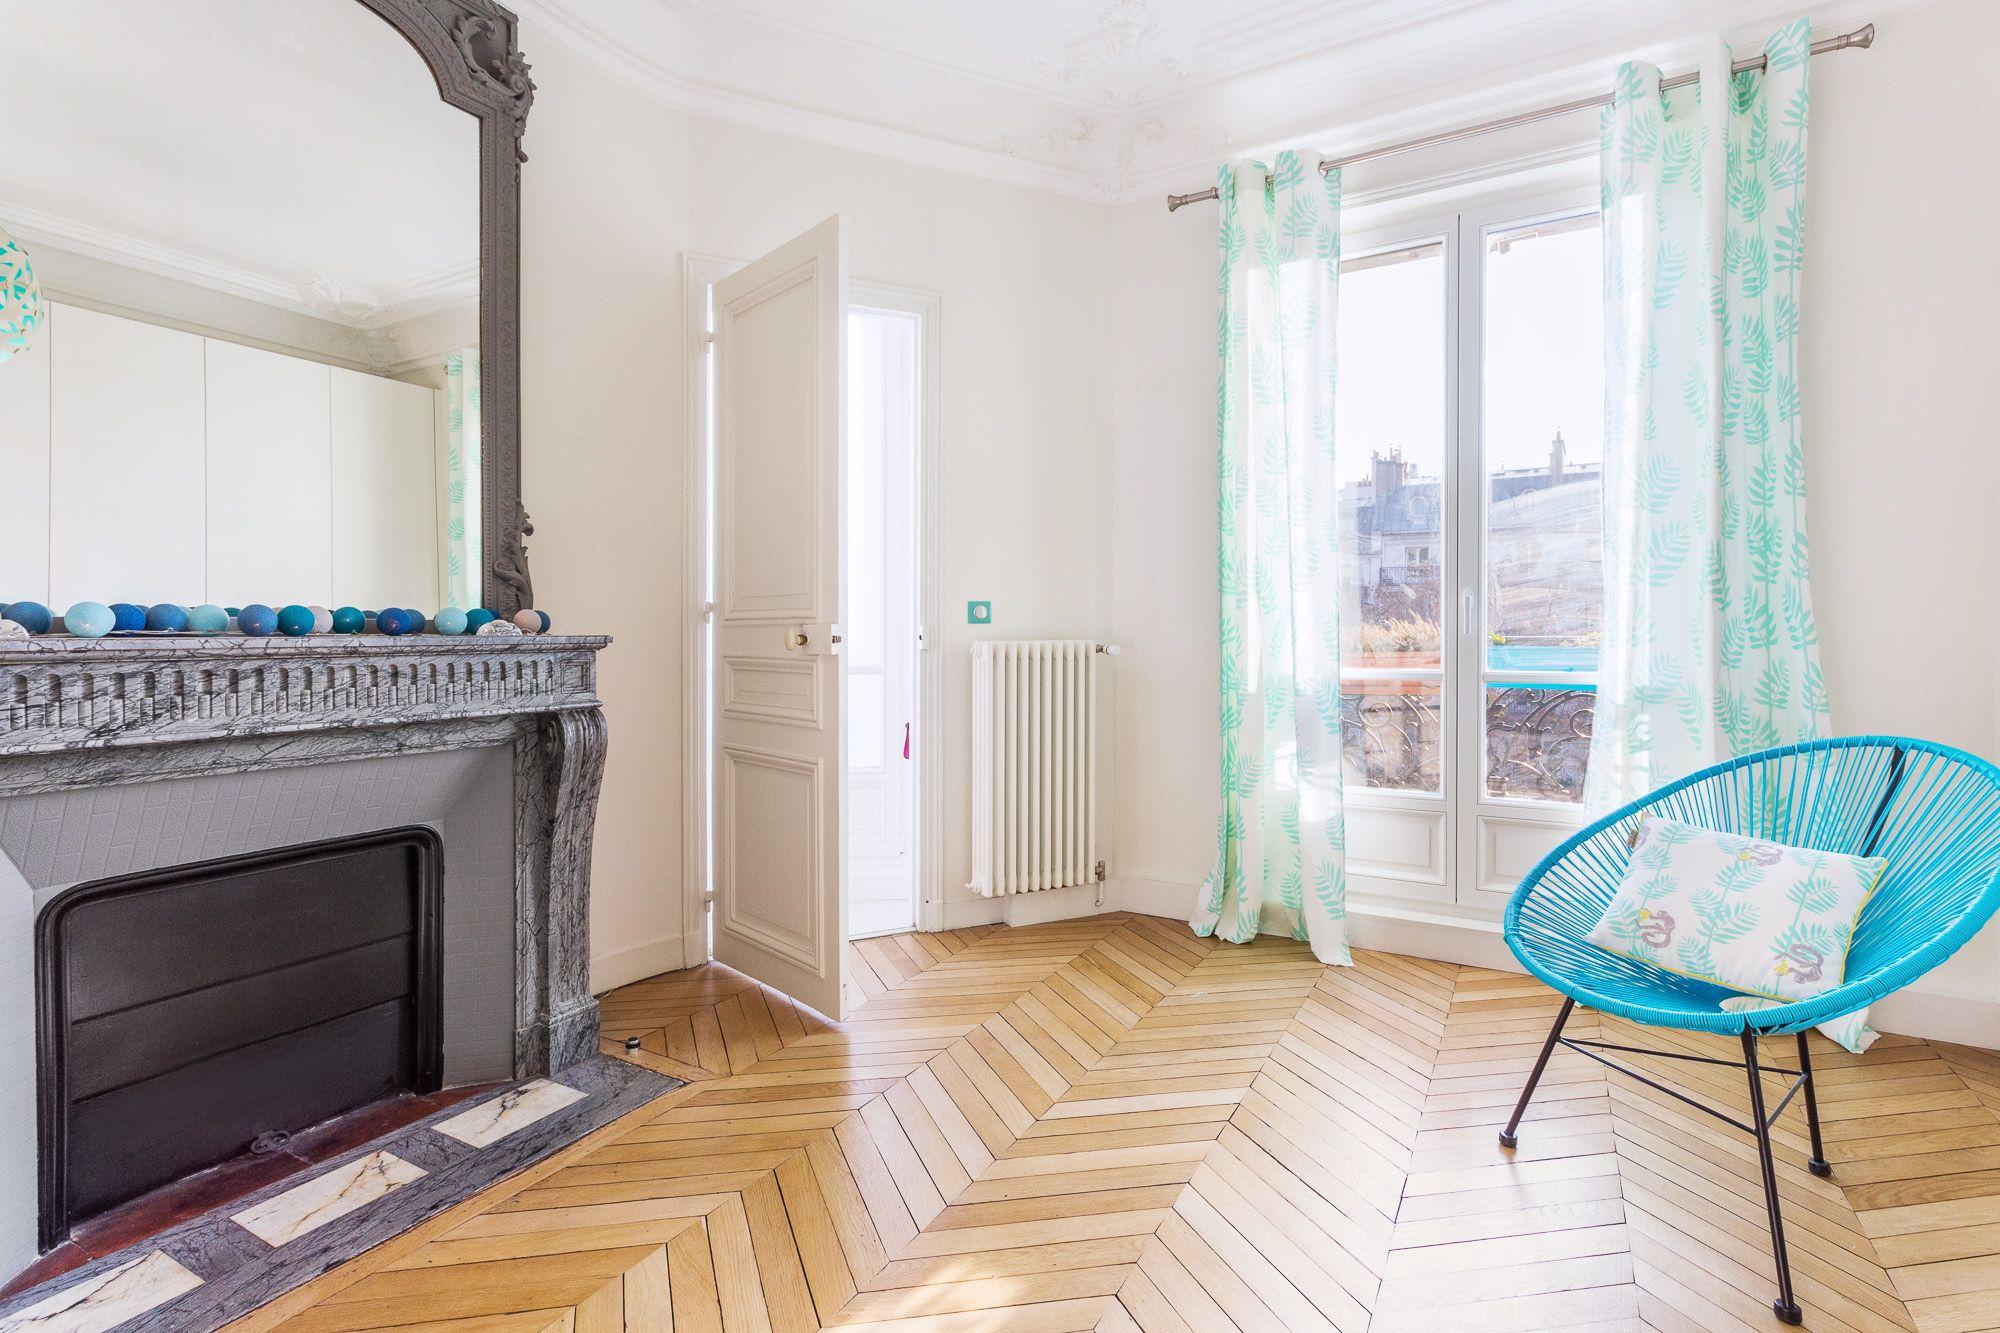 Parquet pointes de hongrie chemin e ancienne en contraste avec un fauteuil bleu moderne - Maison de la hongrie paris ...